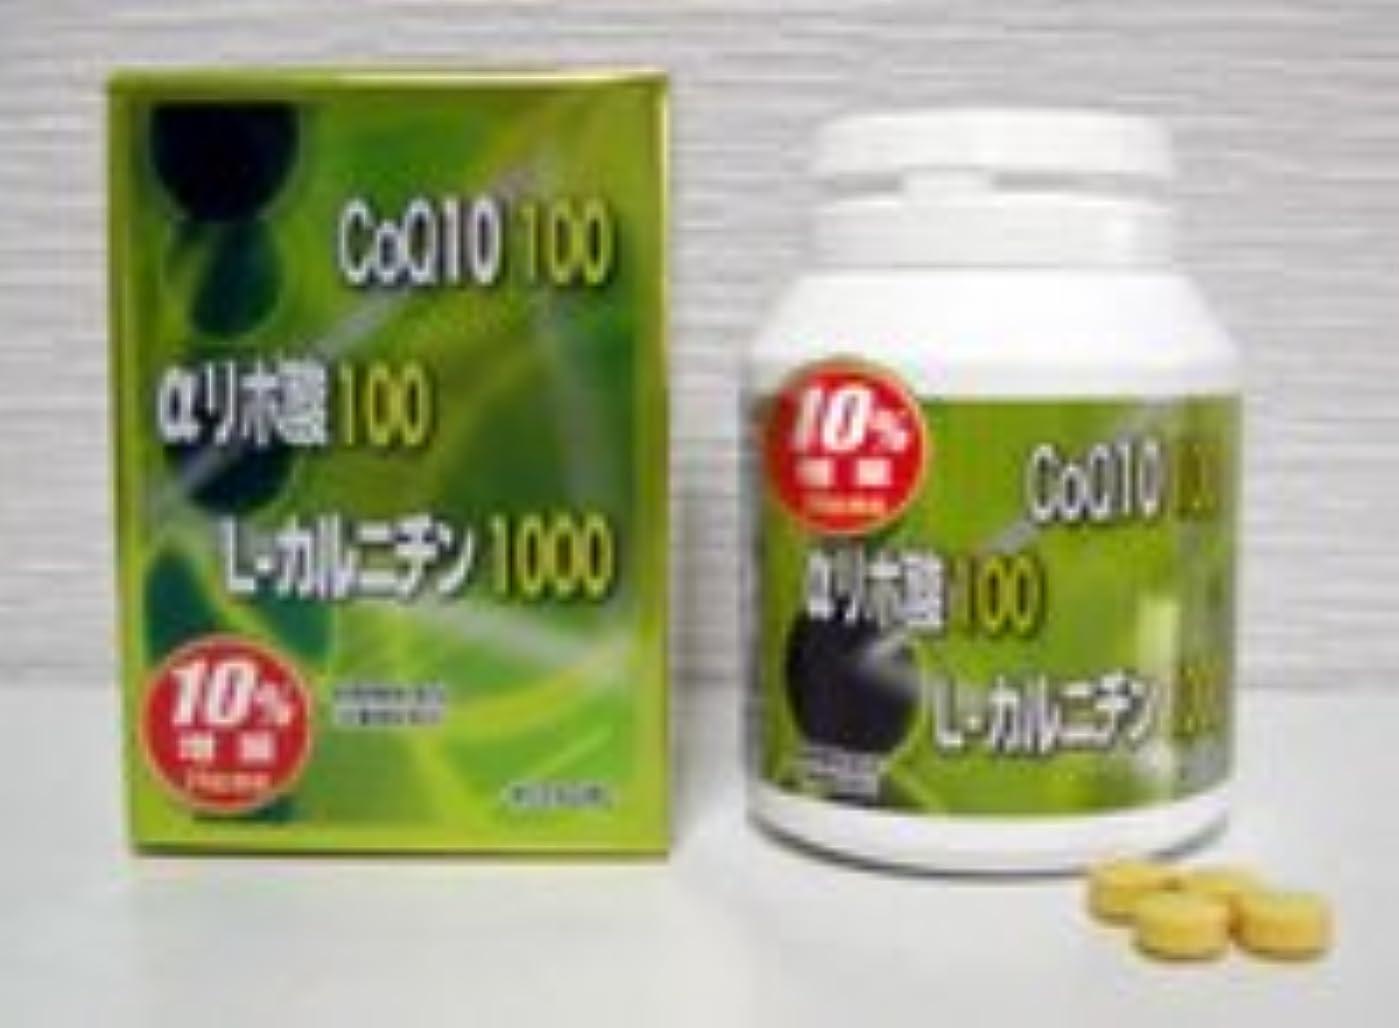 潮ニコチン誓いダイエットサプリ CoQ10+αリポ酸+L-カルニチン 102.96g(390mg×約264粒)